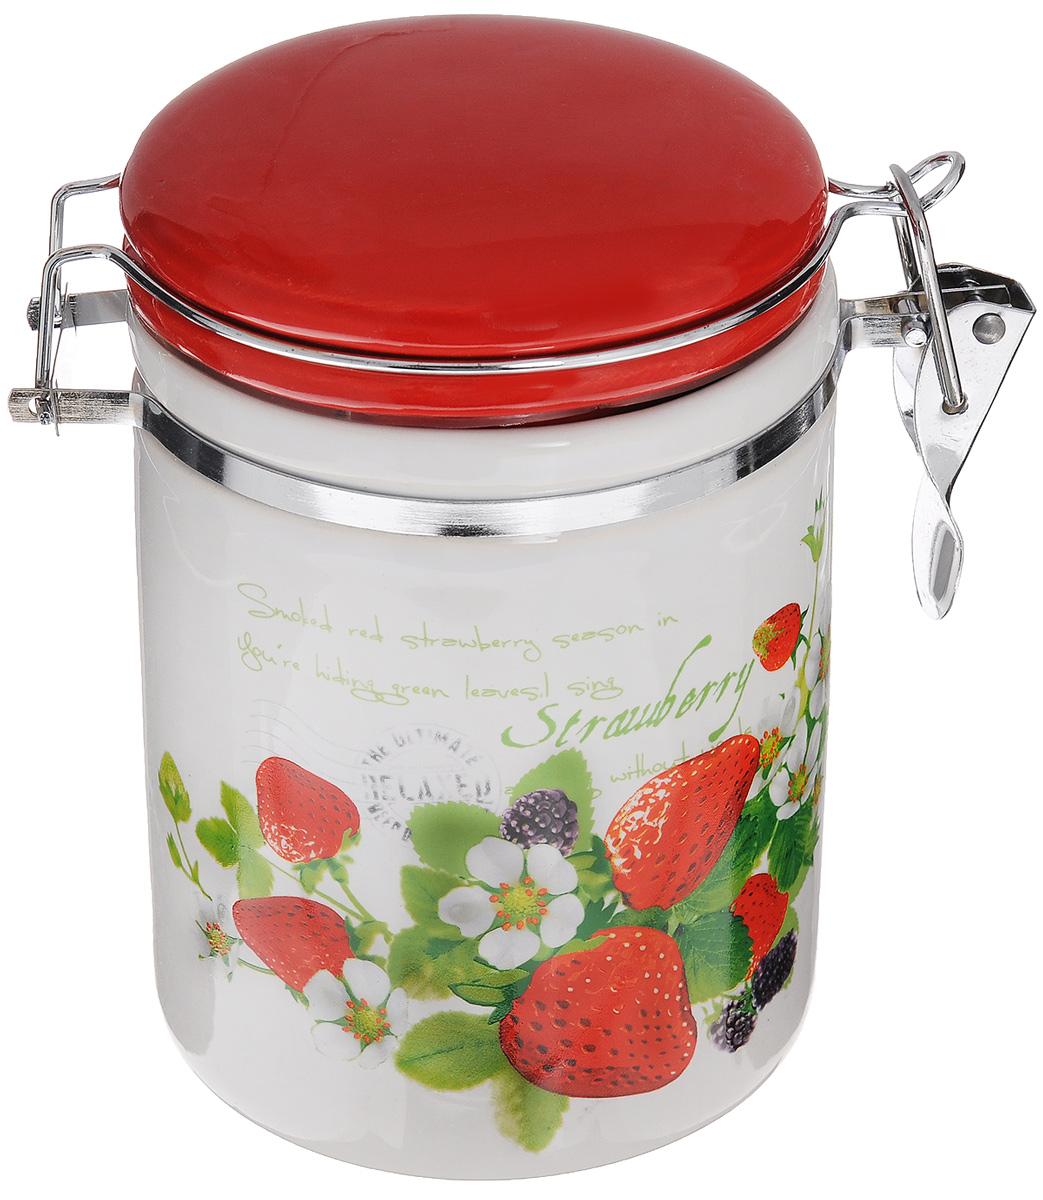 Банка для сыпучих продуктов Loraine, с зажимом-клипсой, 390 мл. 2373923739Банка для сыпучих продуктов Loraine изготовлена из прочной керамики высокого качества.Гладкая и ровнаяповерхность обеспечивает легкую очистку.Изделие оформлено изображением ягод.Банка прекрасно подойдет для хранения различныхсыпучих продуктов: специй, чая, кофе, сахара, круп и многого другого. Крышка плотно закрываетсяс помощью металлического зажима-клипсы, дольше сохраняя свежесть продуктов.Можно использовать в микроволновой печи, холодильнике и мыть в посудомоечной машине. Диаметр банки (по верхнему краю): 10 см.Диаметр основания банки: 10 см.Высота стенки банки: 12 см.